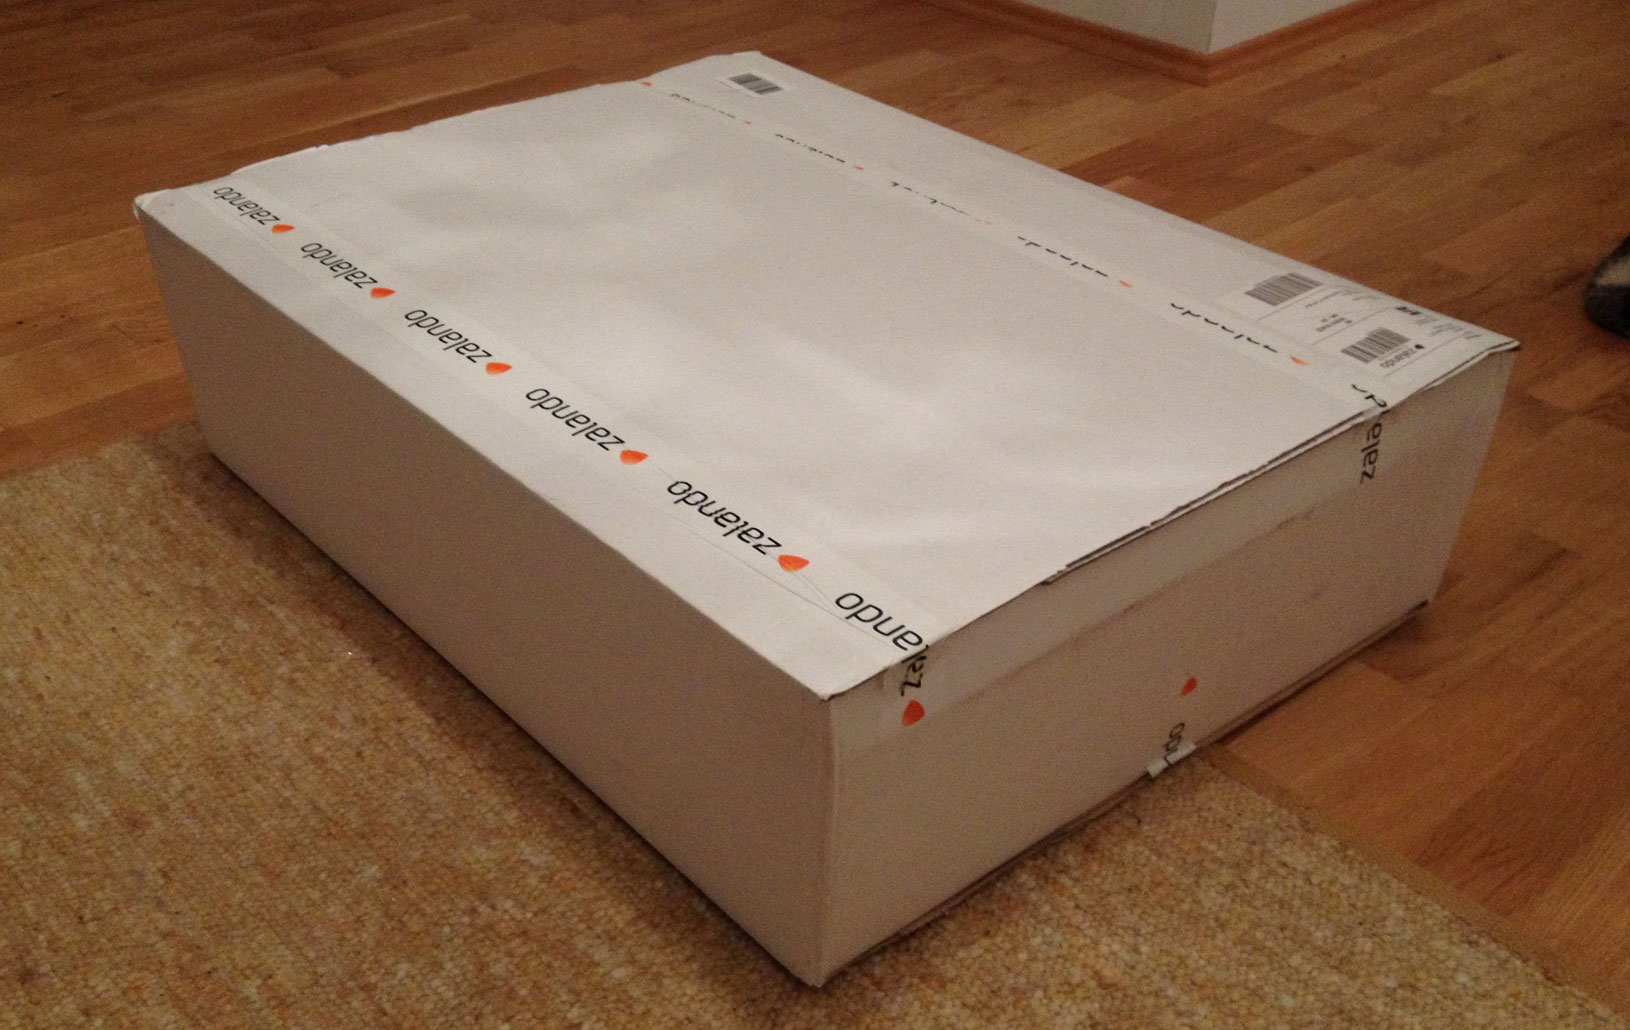 zalando-bestellung-paket